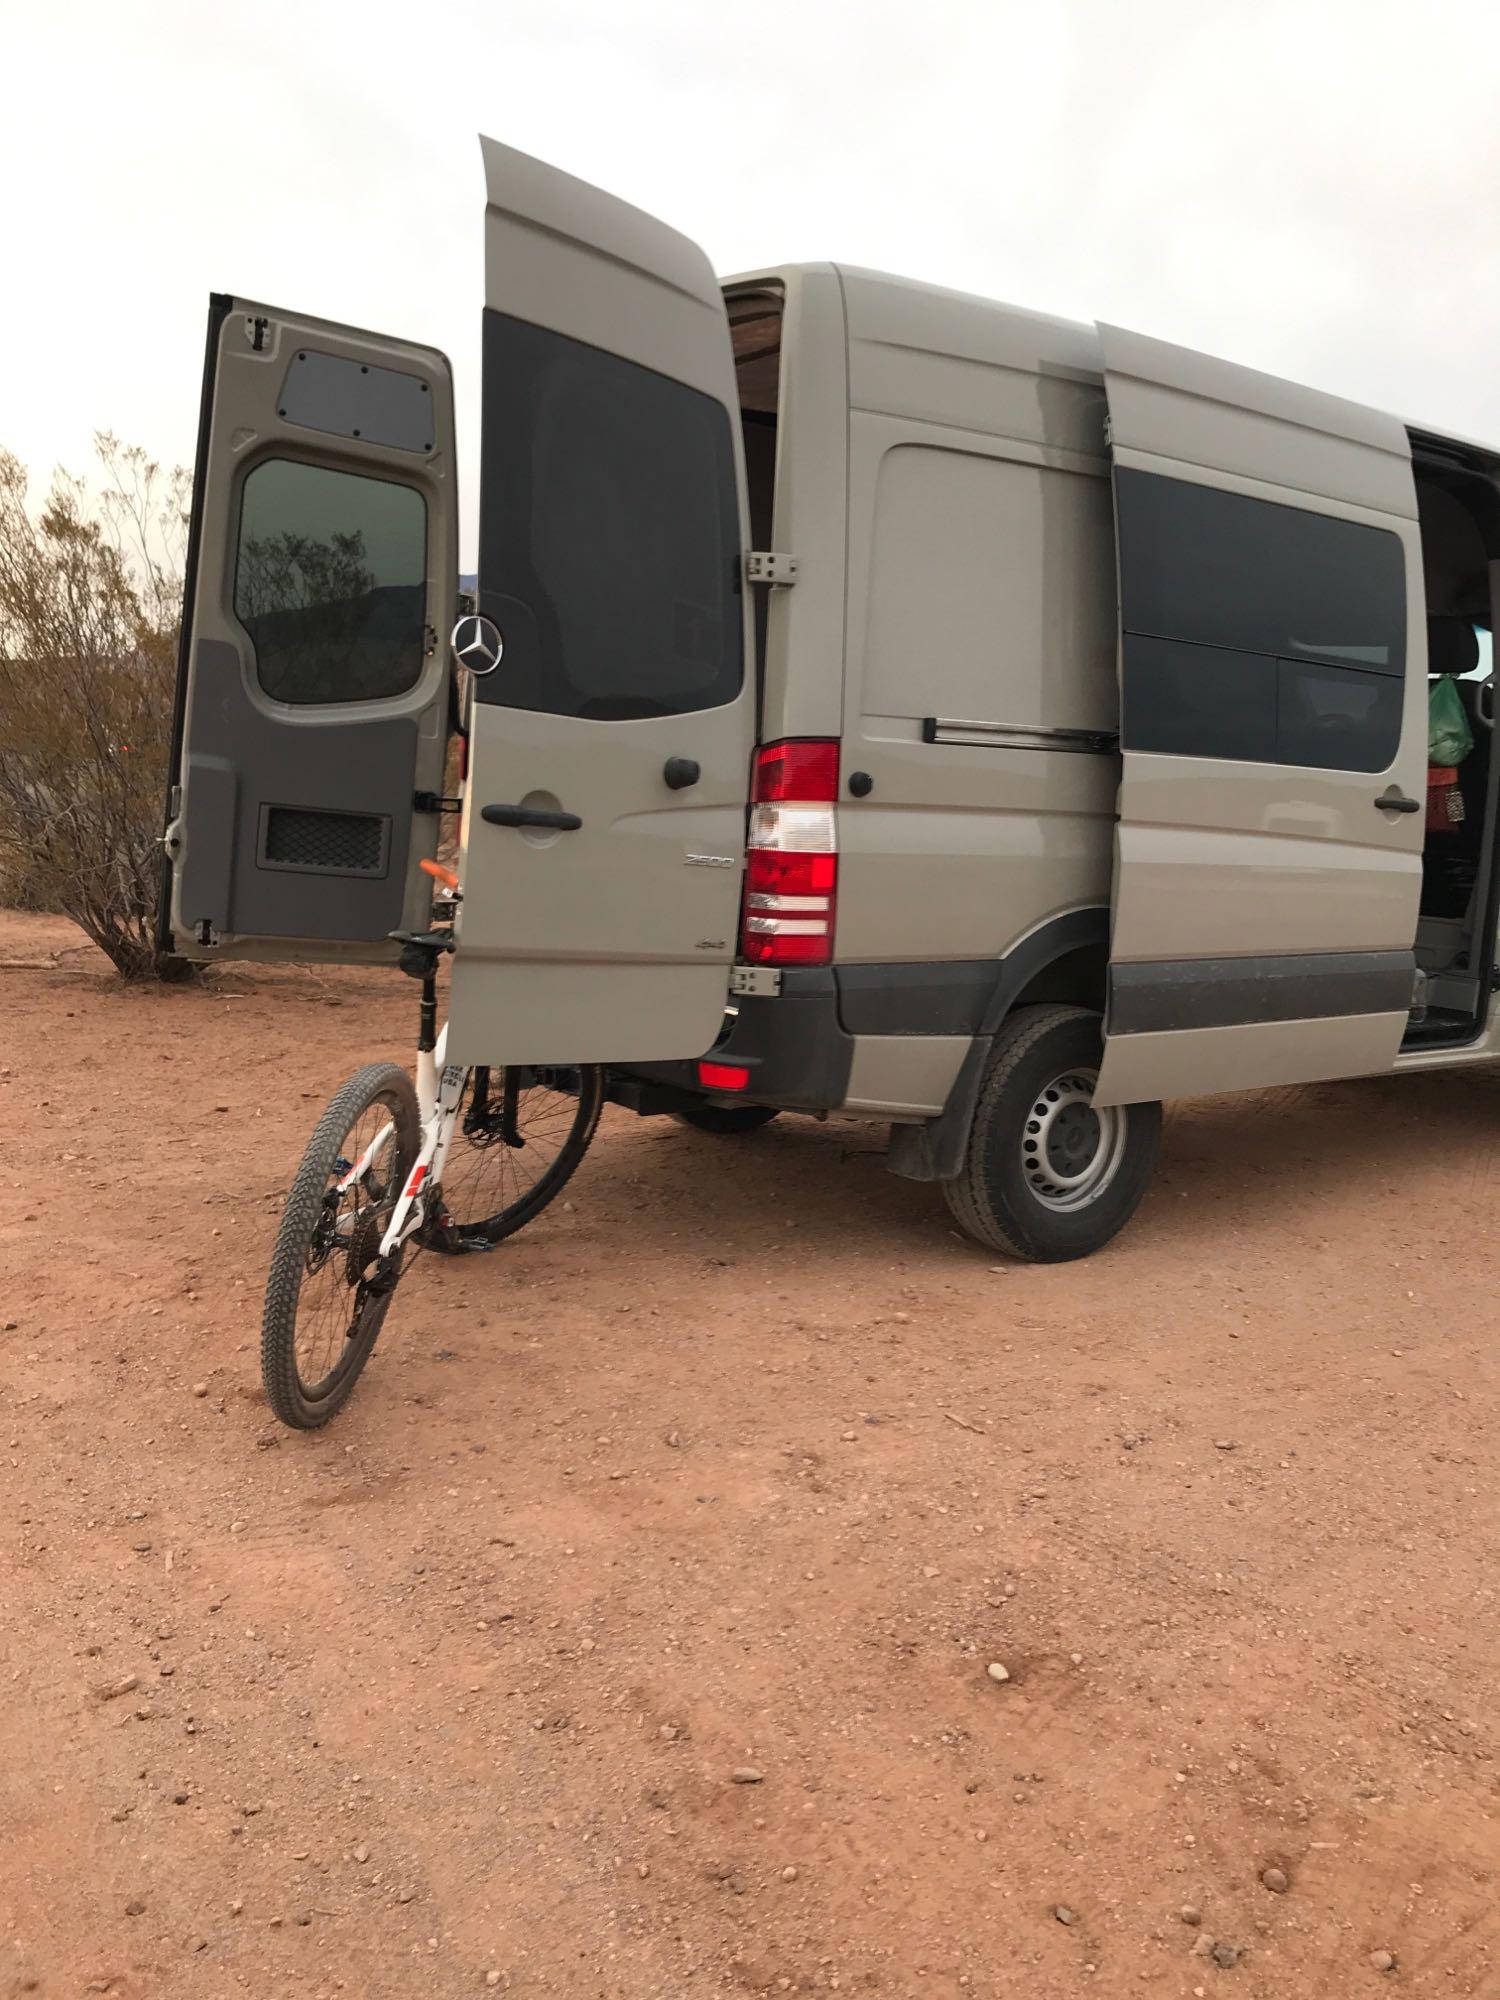 Mercedes-Benz B class campervan MB 140 2018